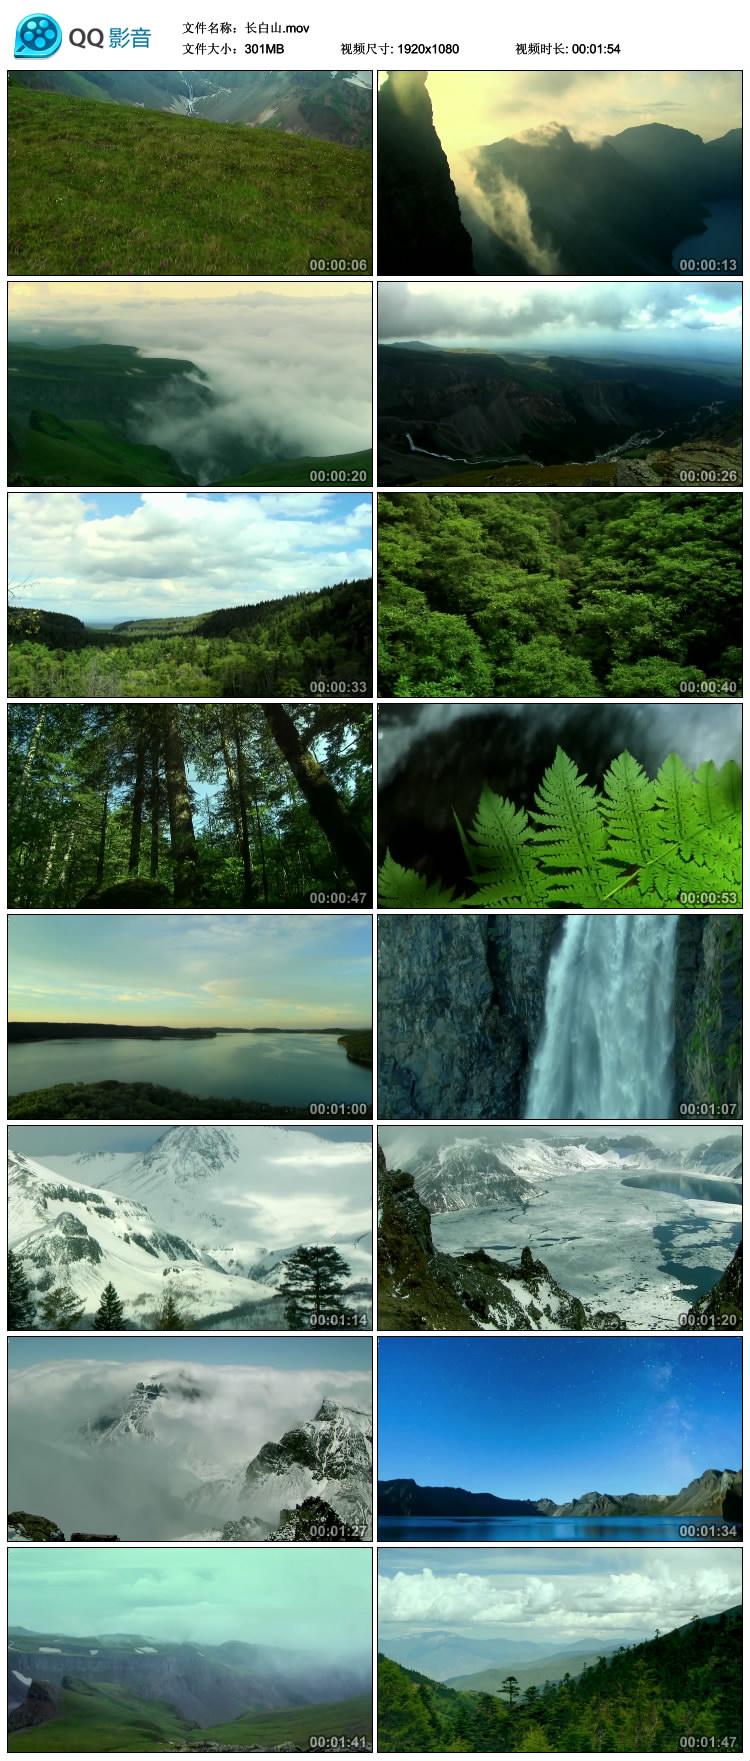 高清航拍吉林长白山风光风景山川云海树林瀑布雪景实拍视频素材